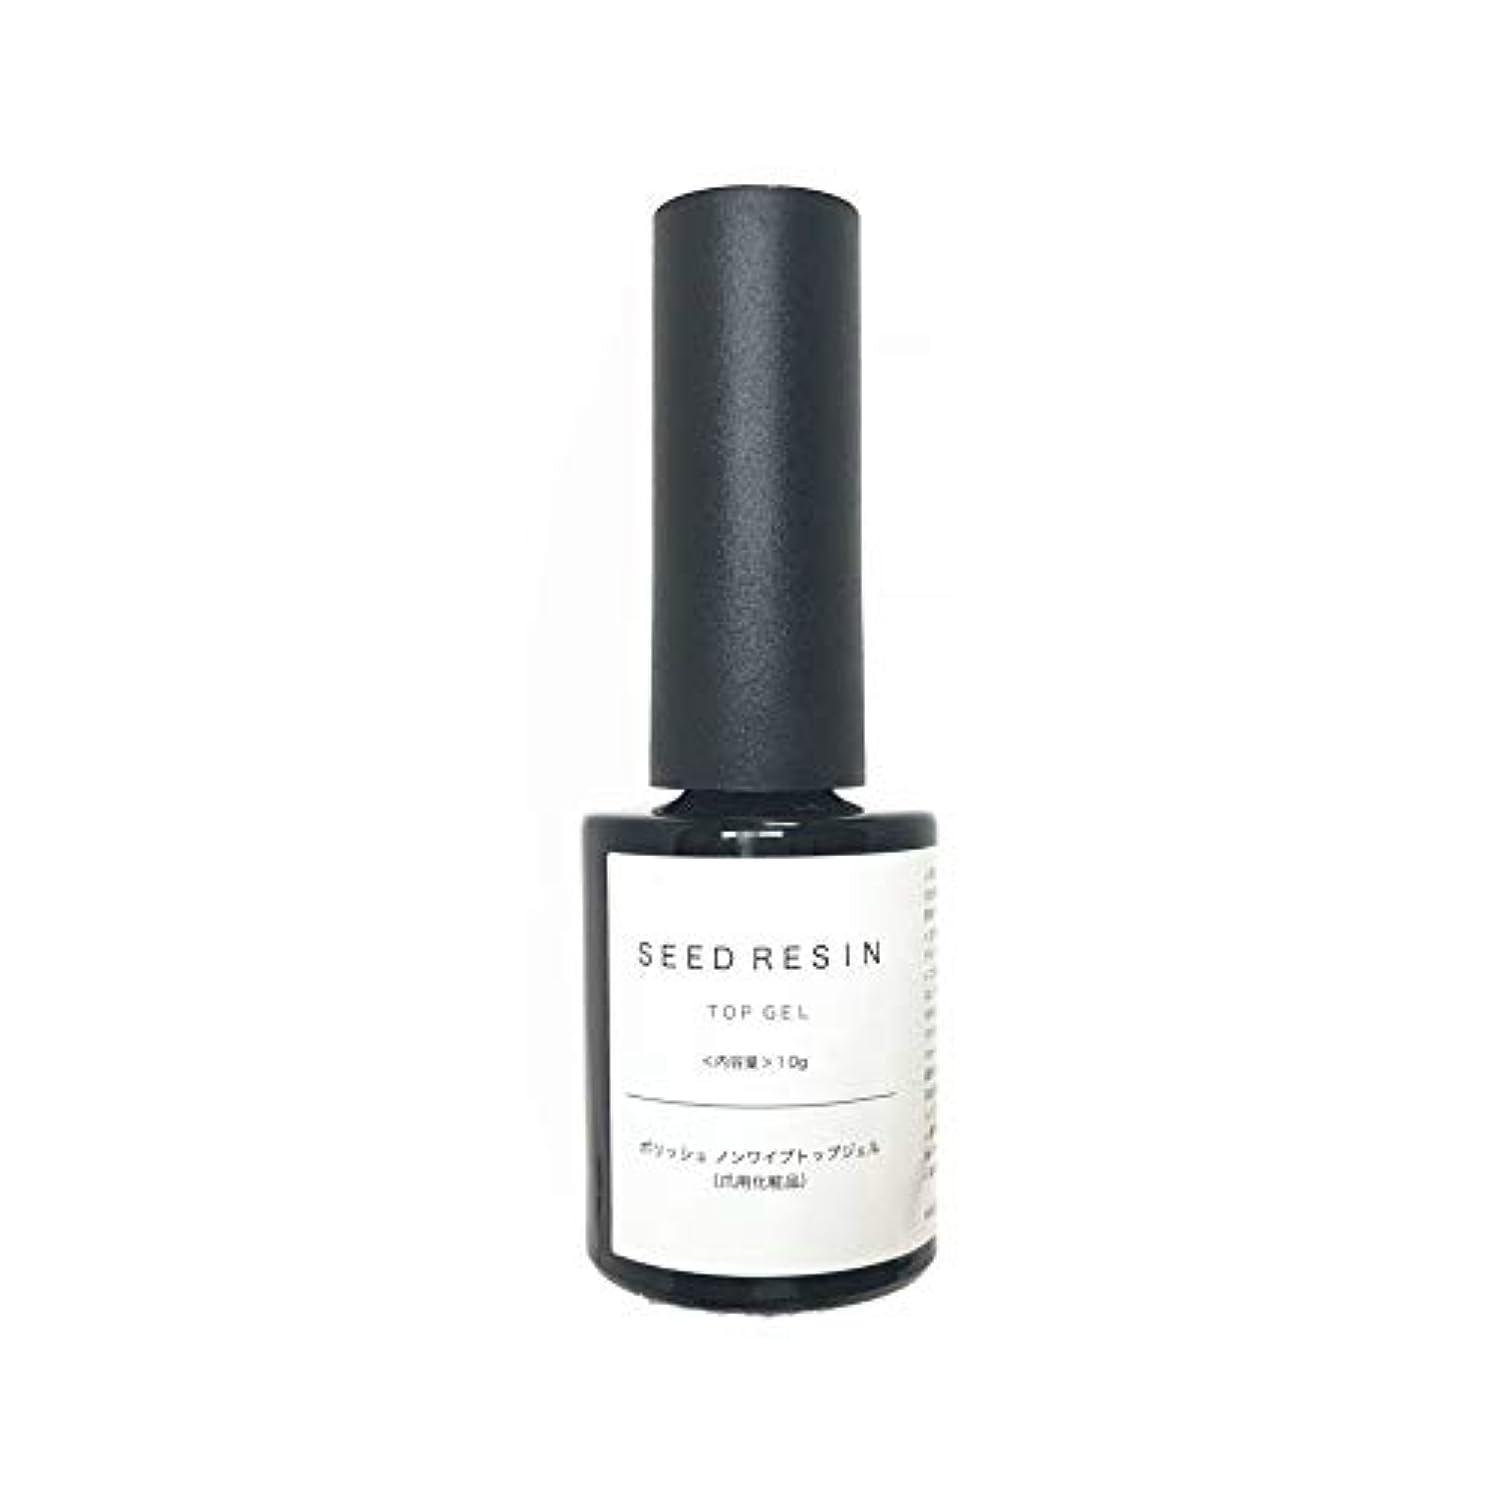 電子レンジ考える米ドルSEED RESIN(シードレジン) ジェルネイル ポリッシュ ノンワイプ トップジェル 10g 爪用化粧品 日本製